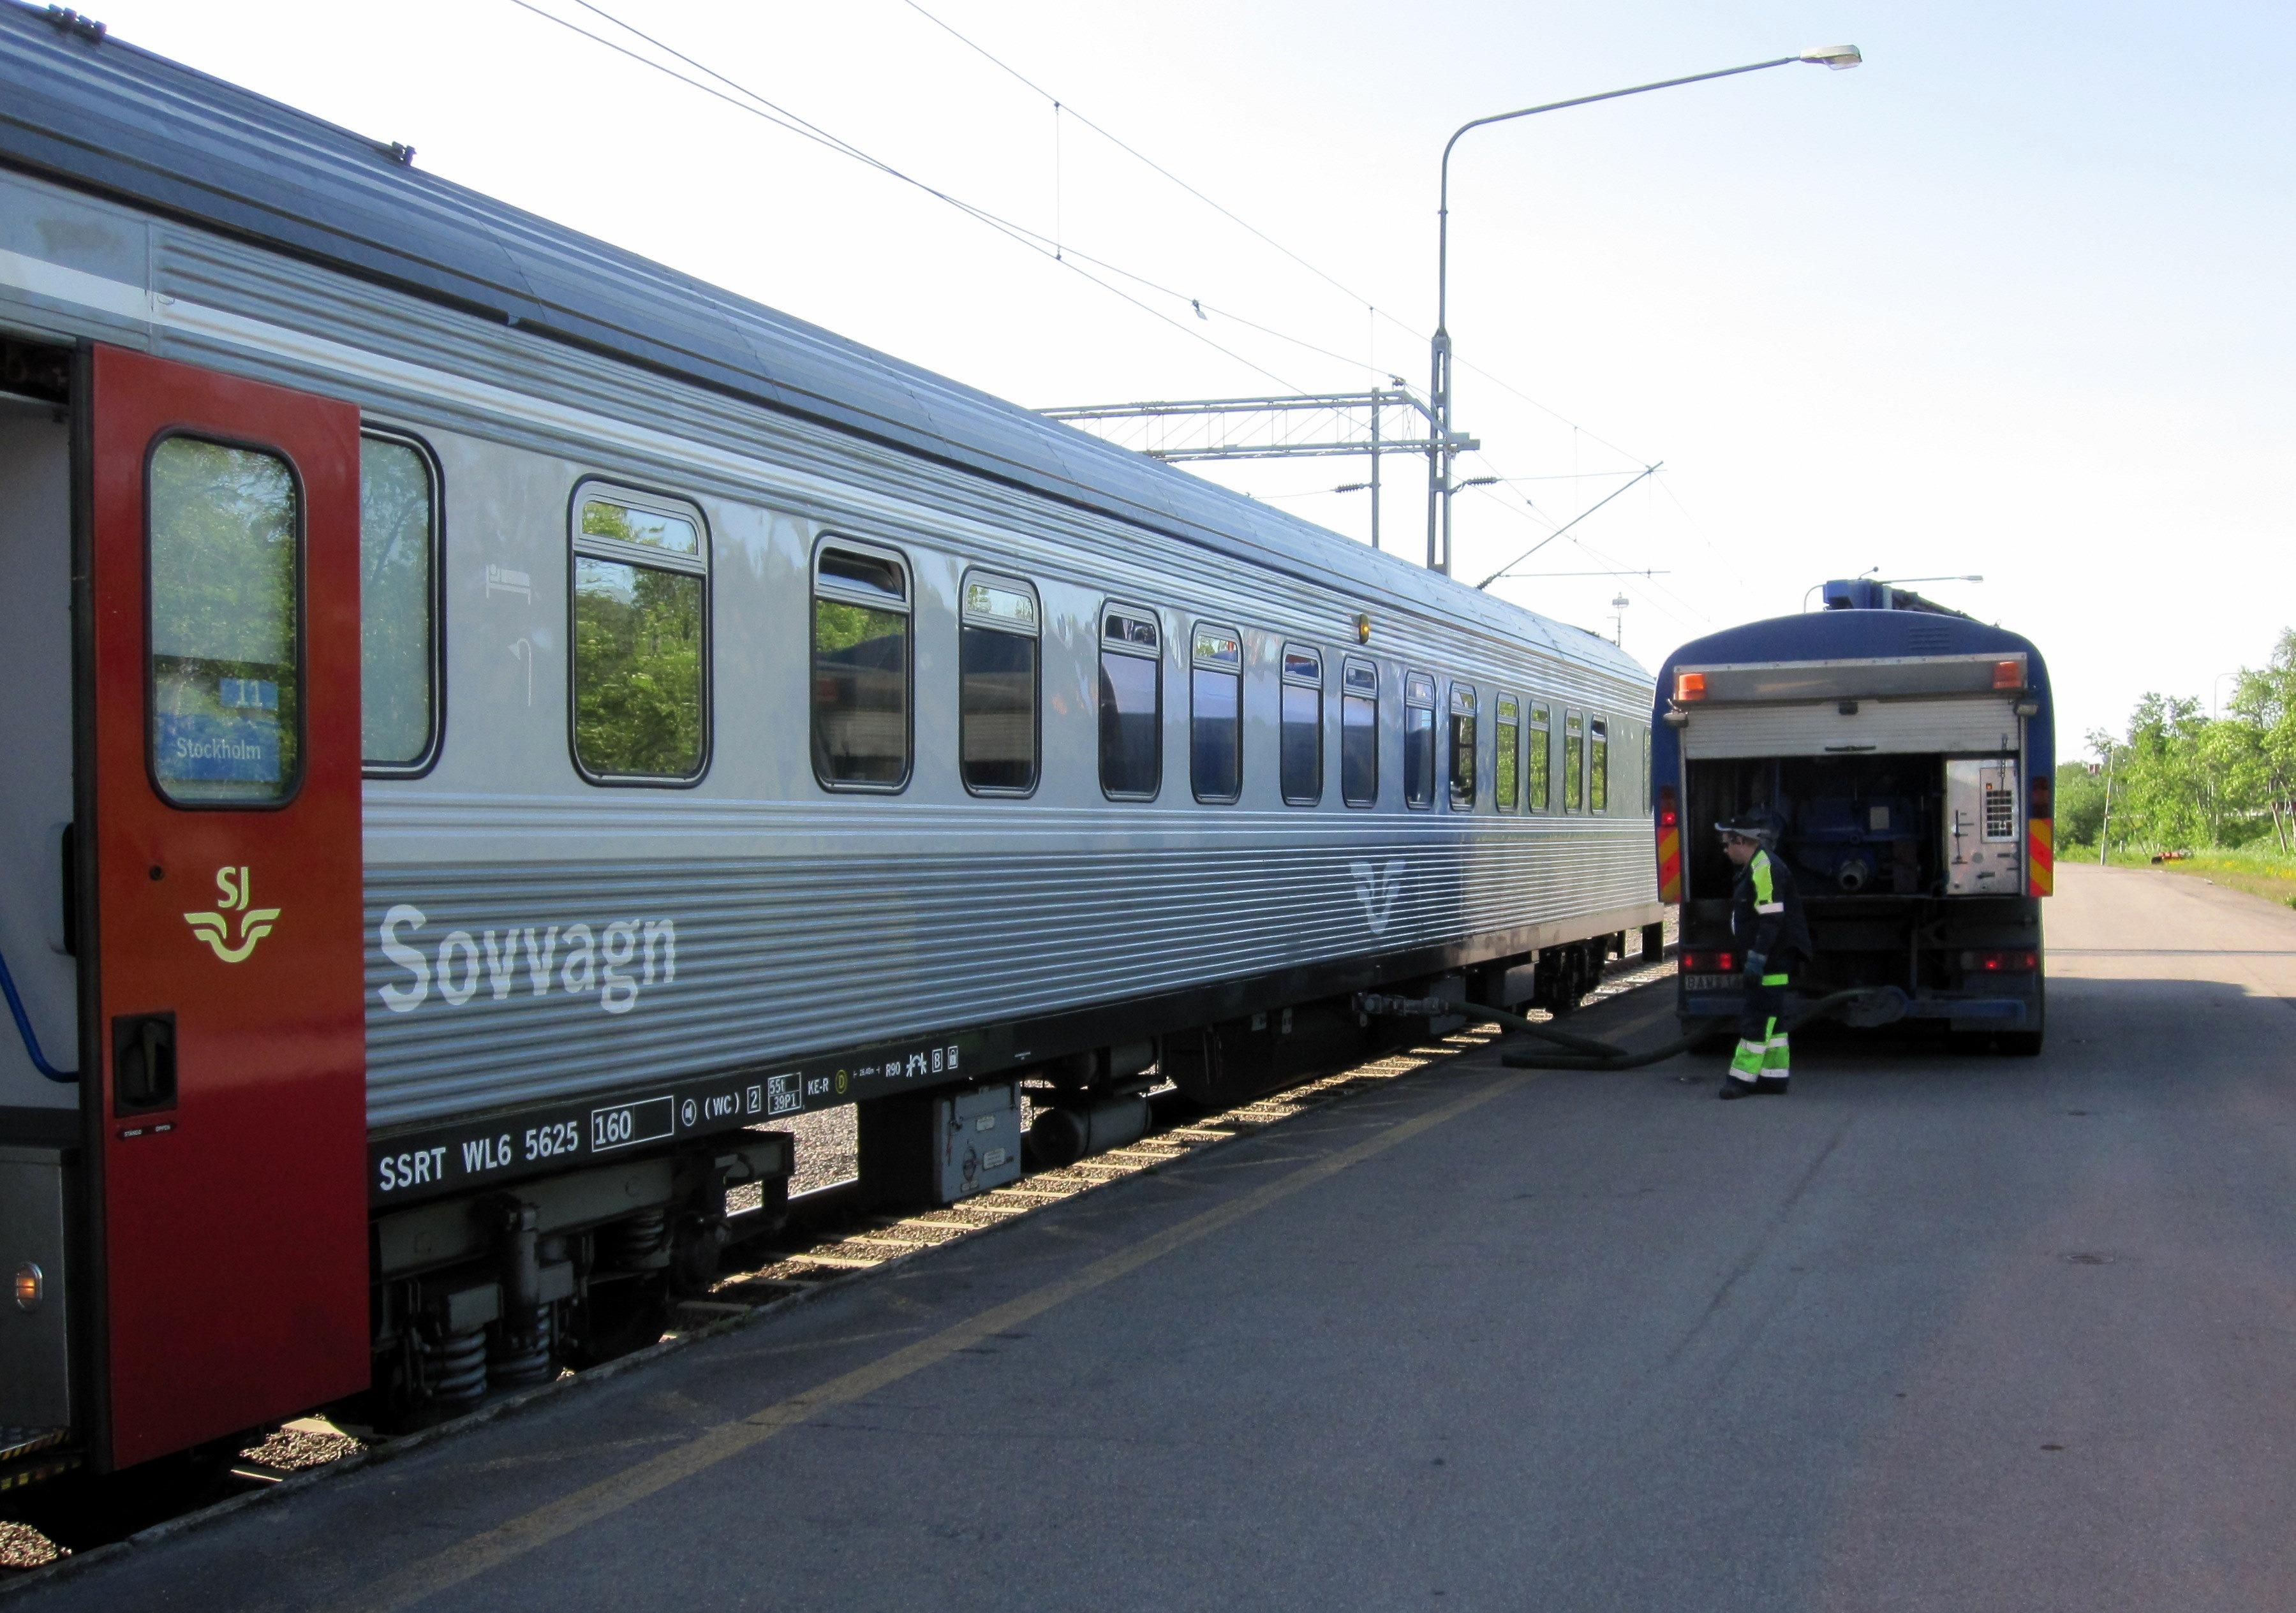 sj nattåg tåg 91